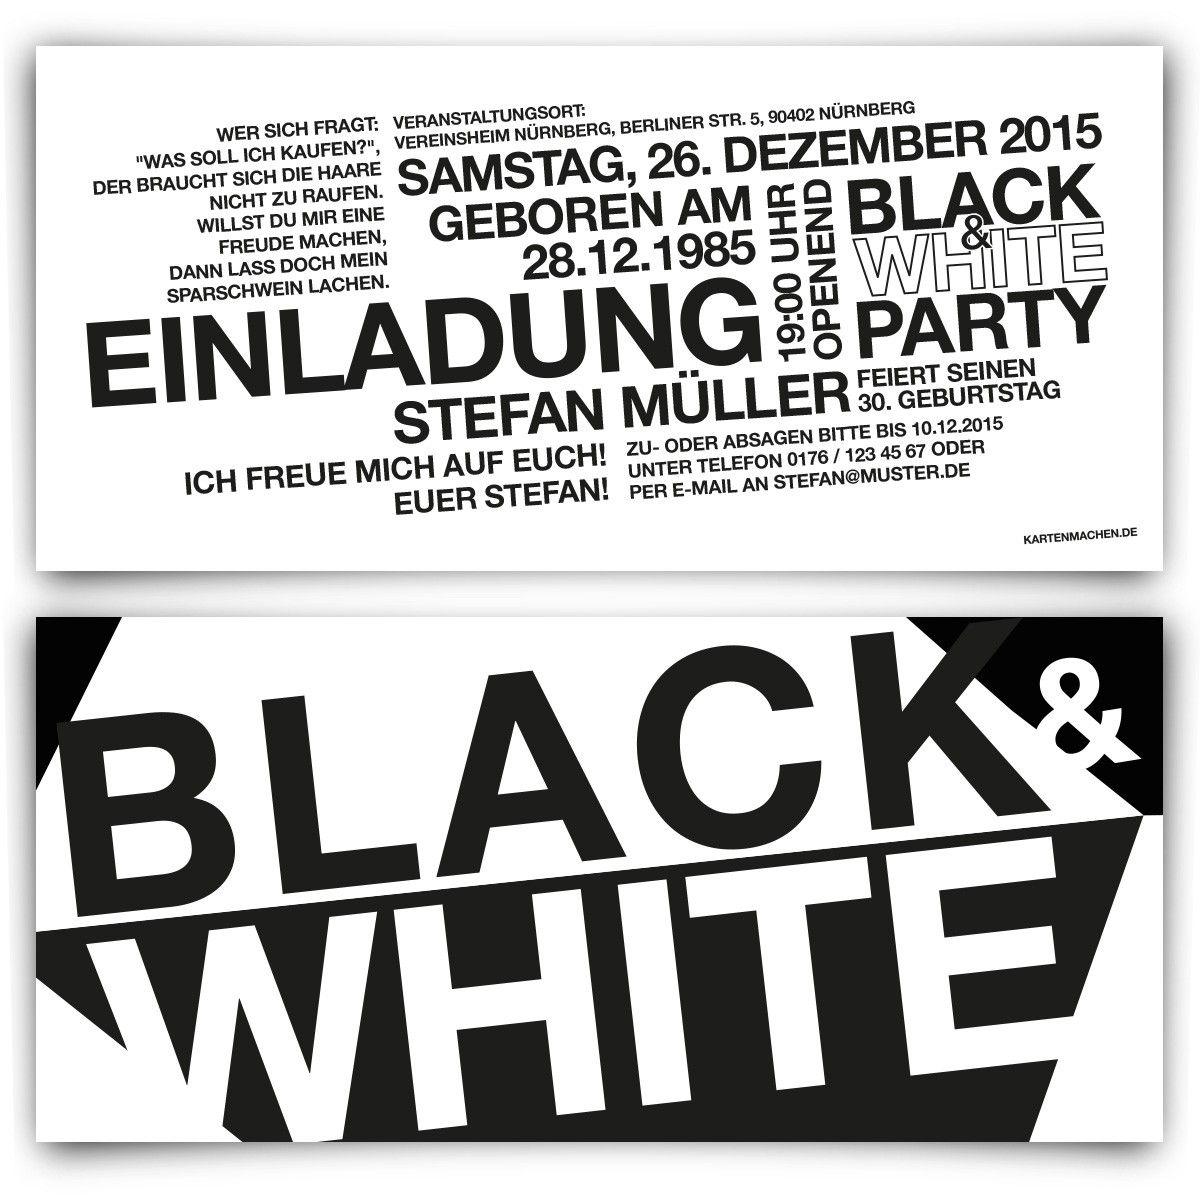 einladungen - black & white party #geburtstag #einladung, Einladung